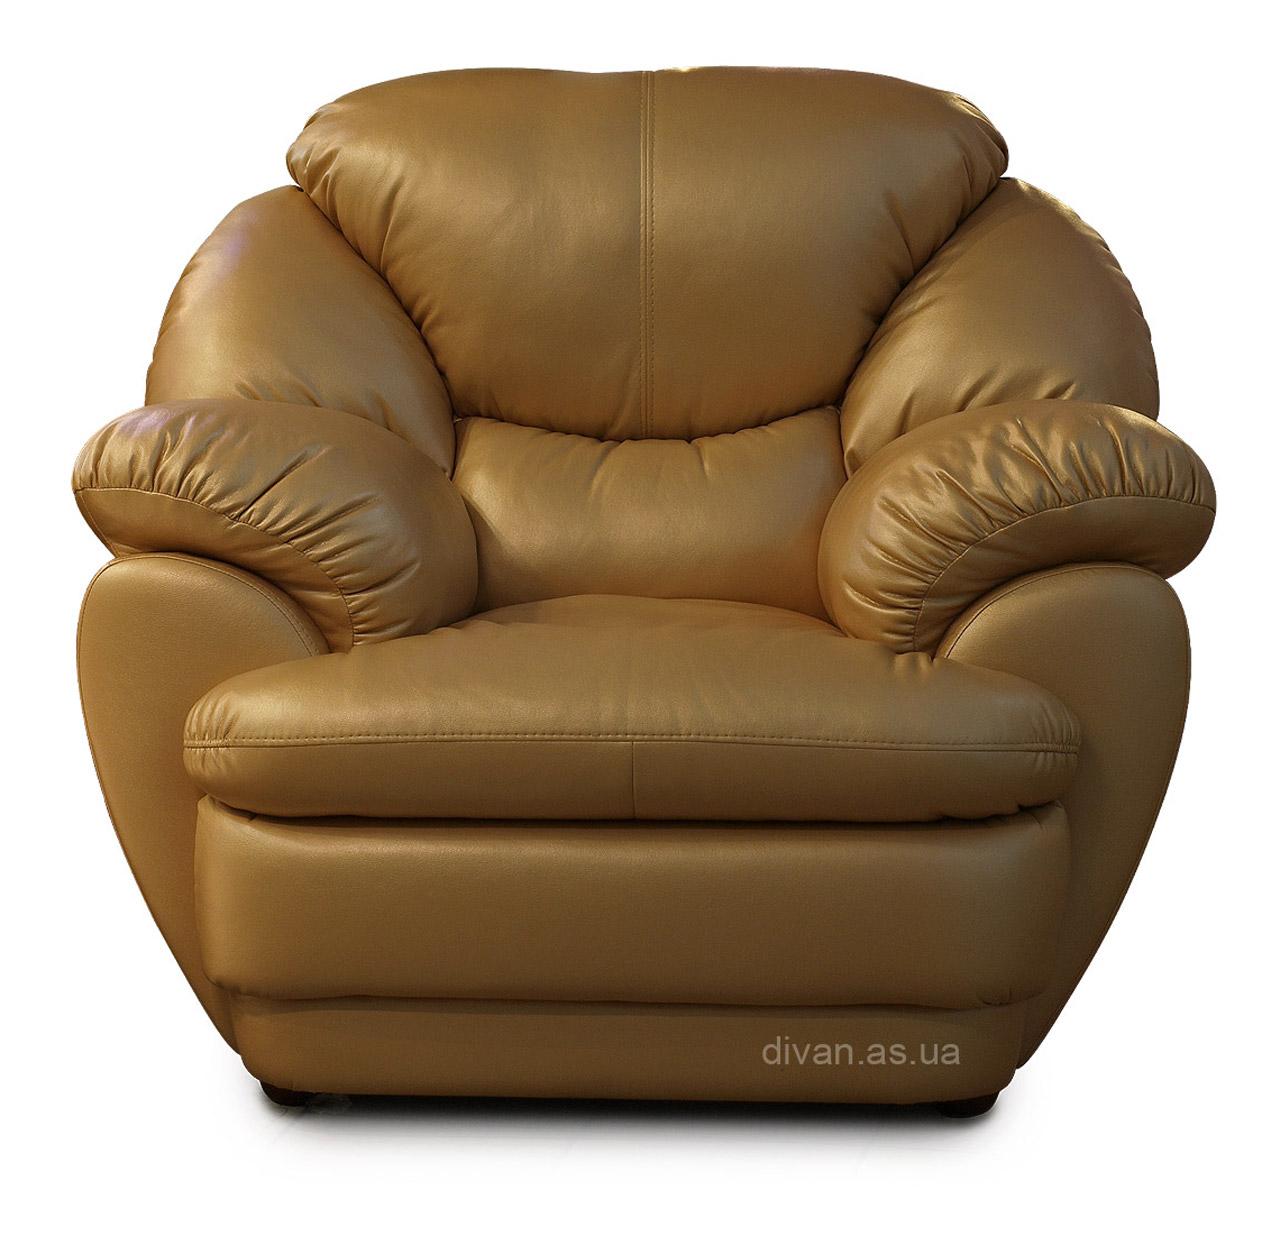 Фото на кожаном кресле 10 фотография